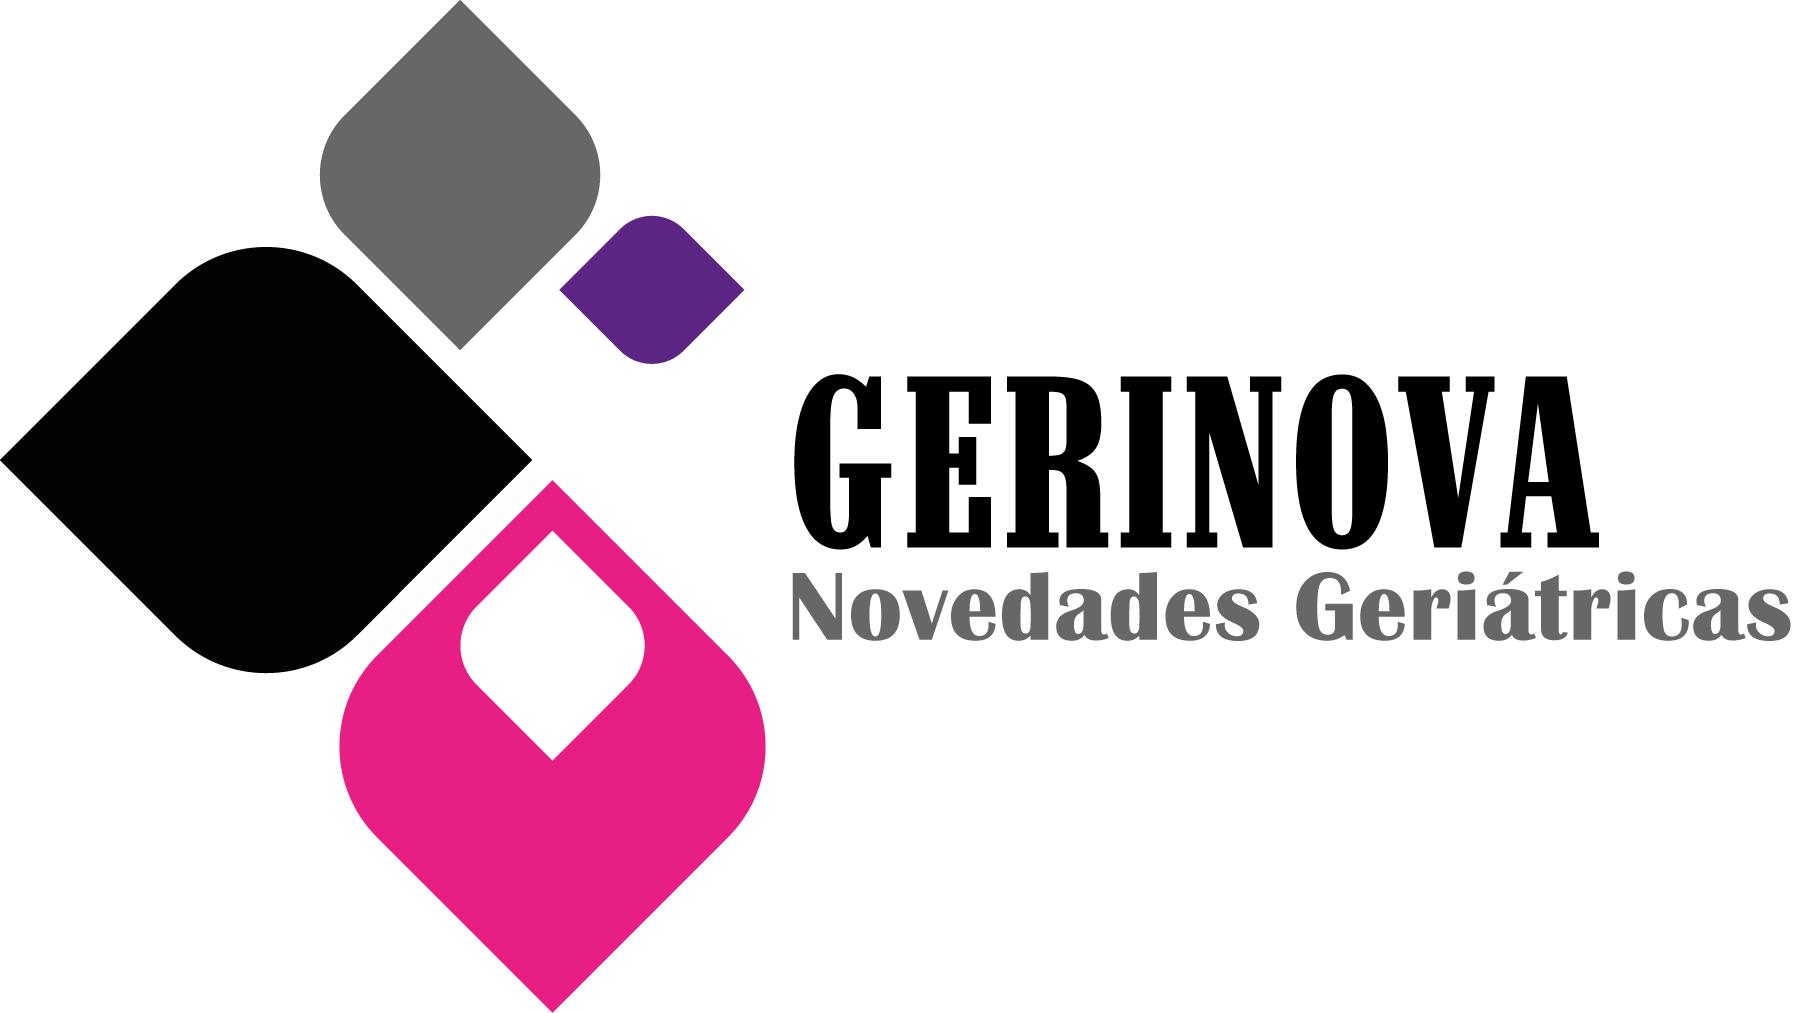 gerinova